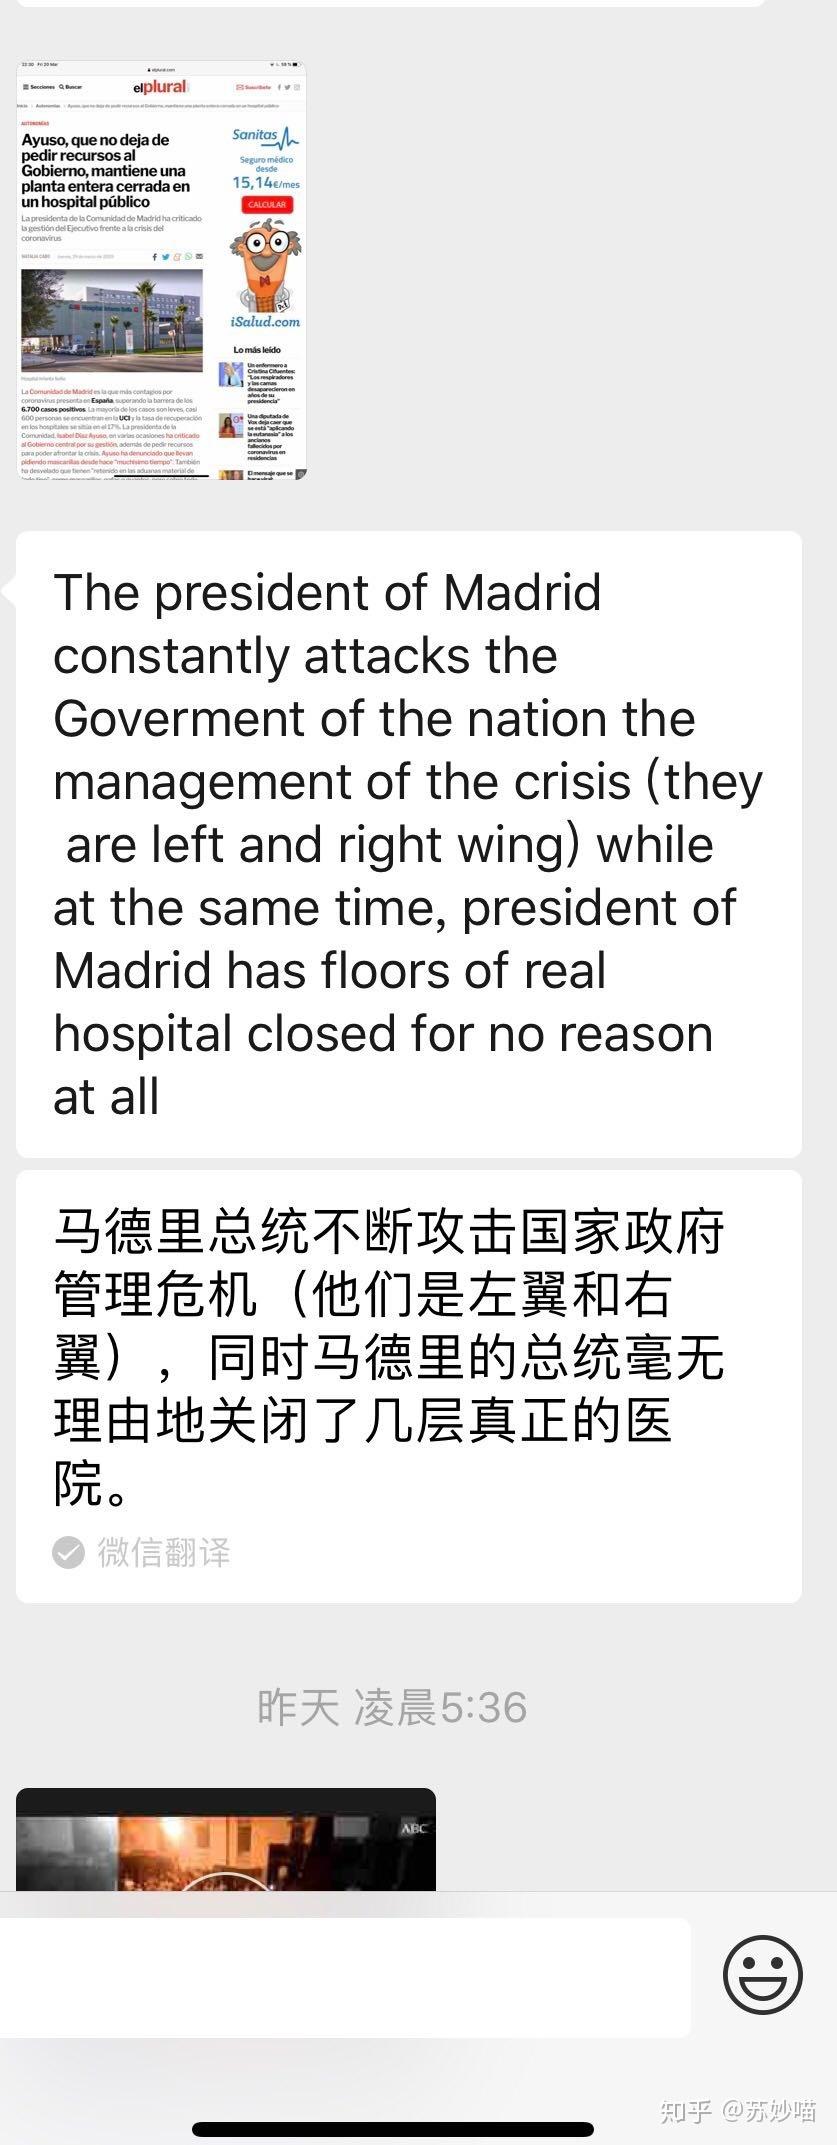 3 月 20 日西班牙新增新冠肺炎 4946 例,为什么西班牙病例突然增长这么快? ... 3月20日,卫生部,西班牙,为什么,其中 第10张图片